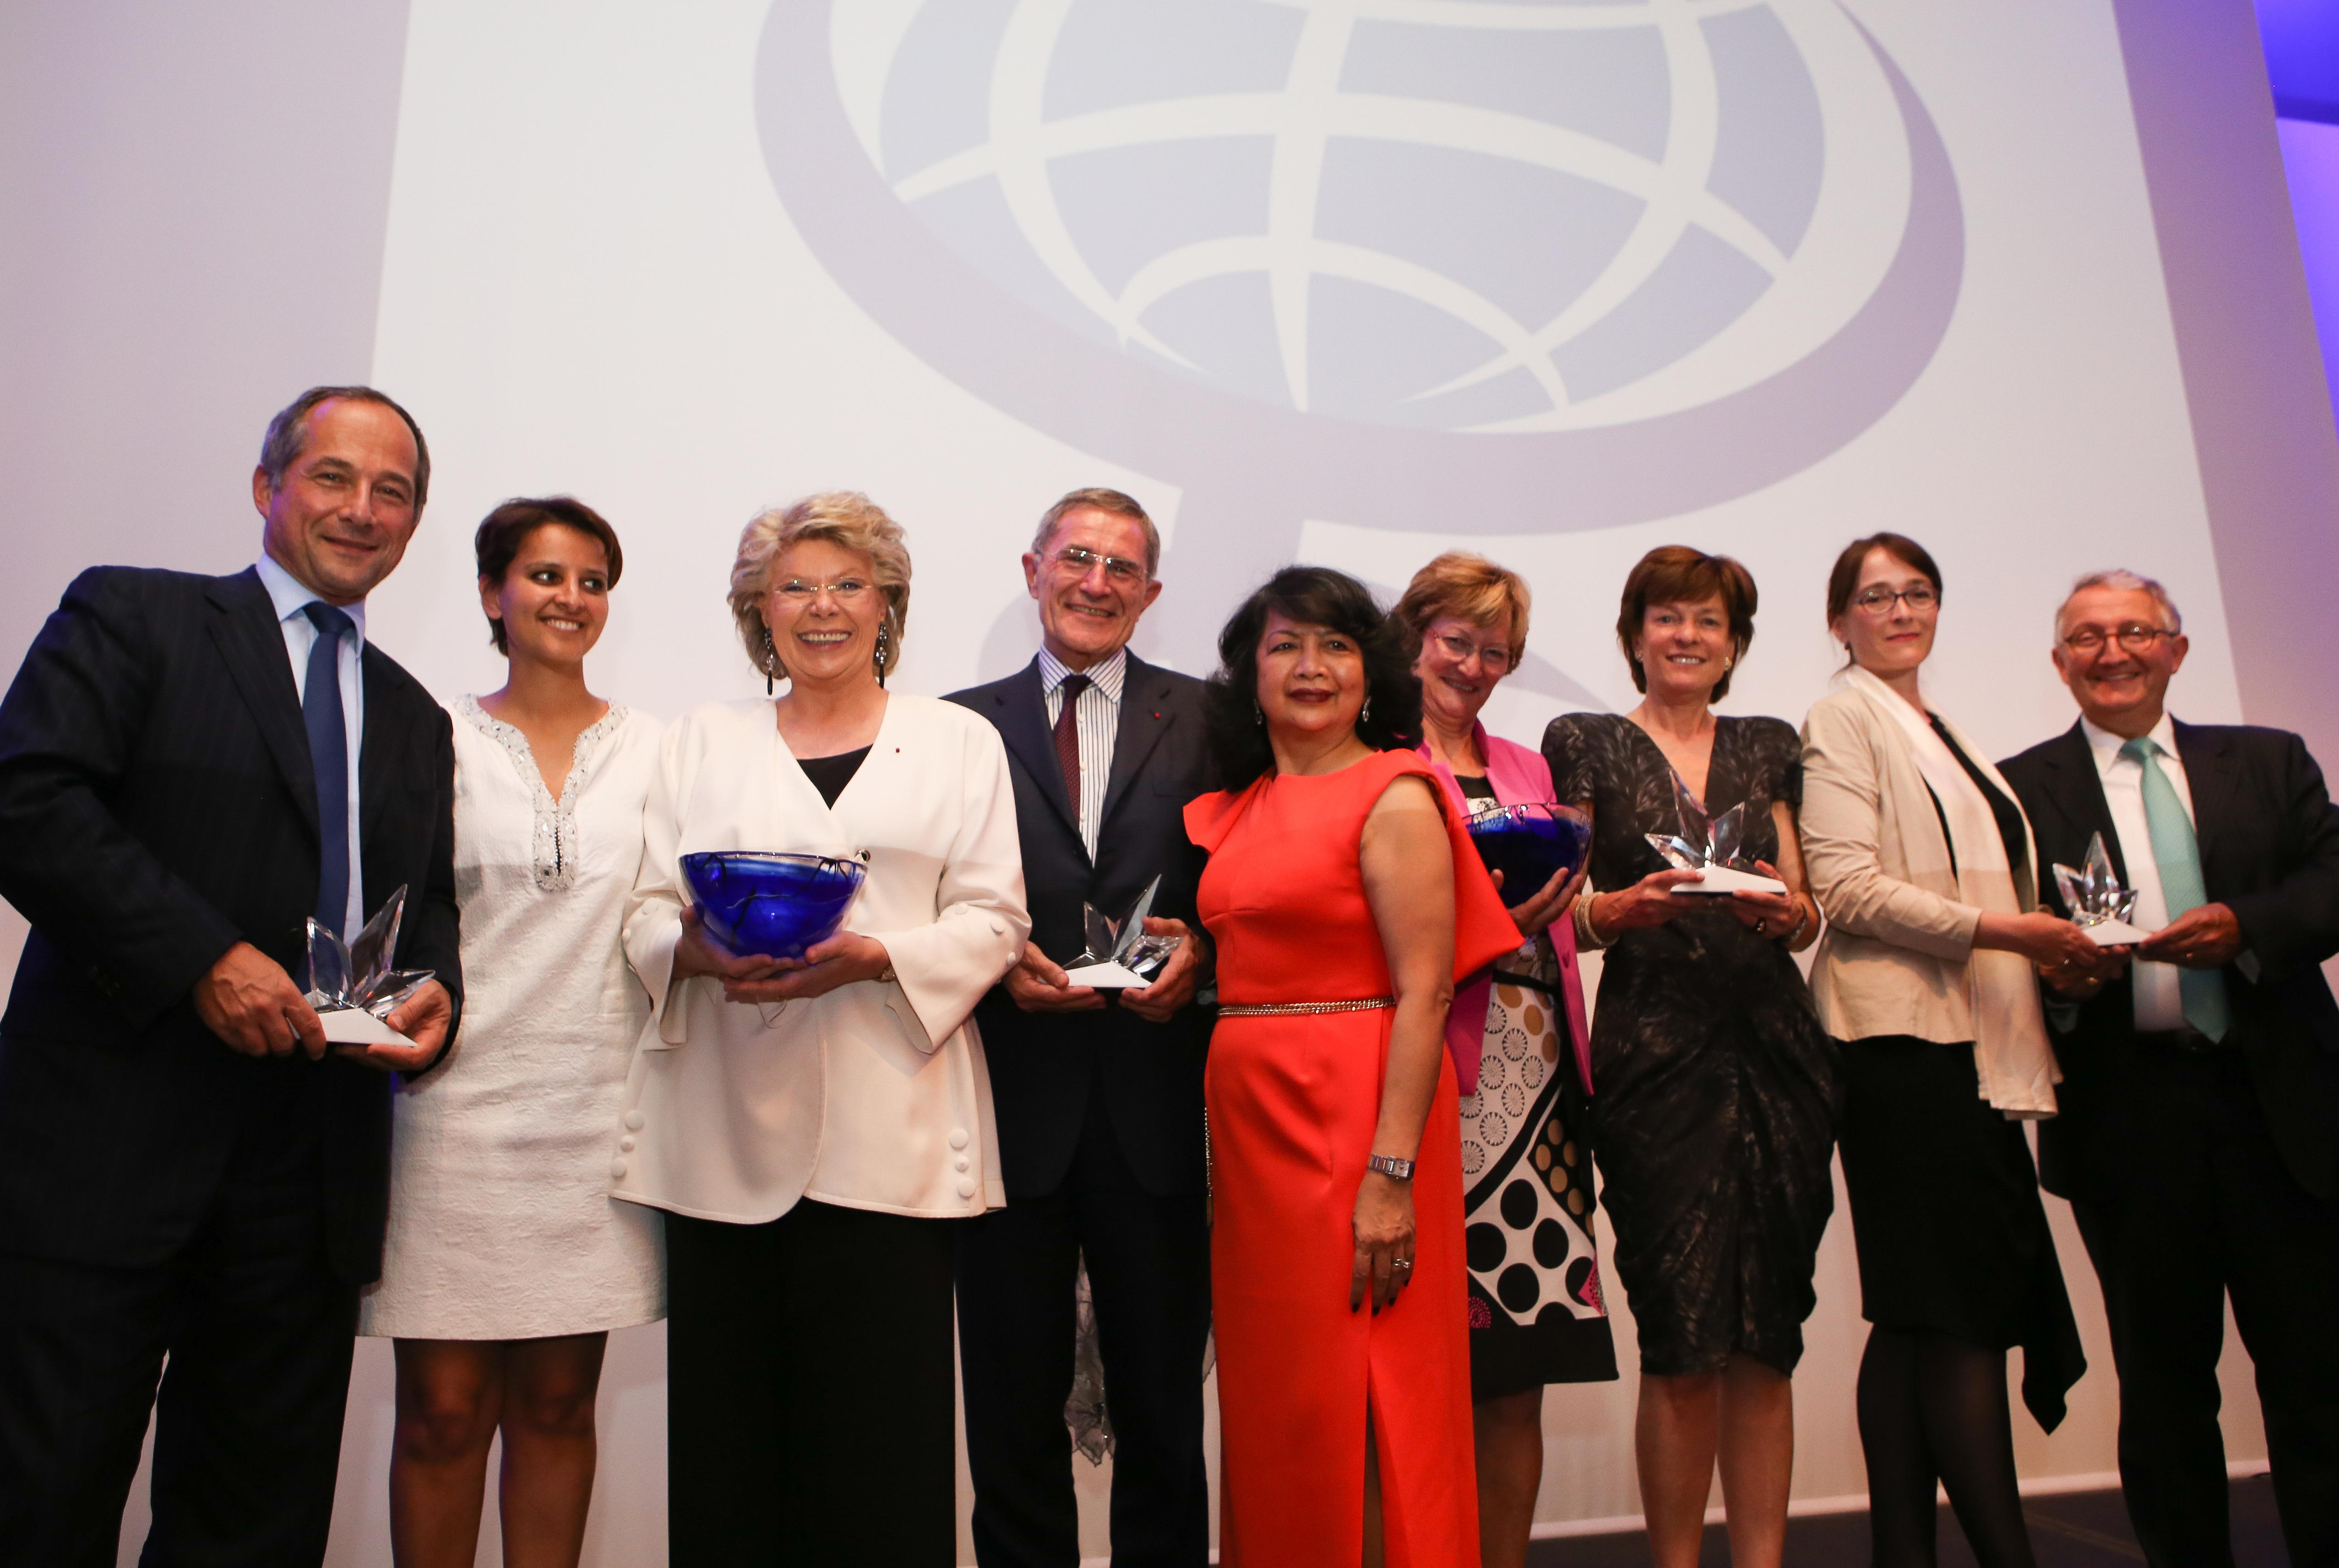 Viviane Reding Global Summit of Women Award